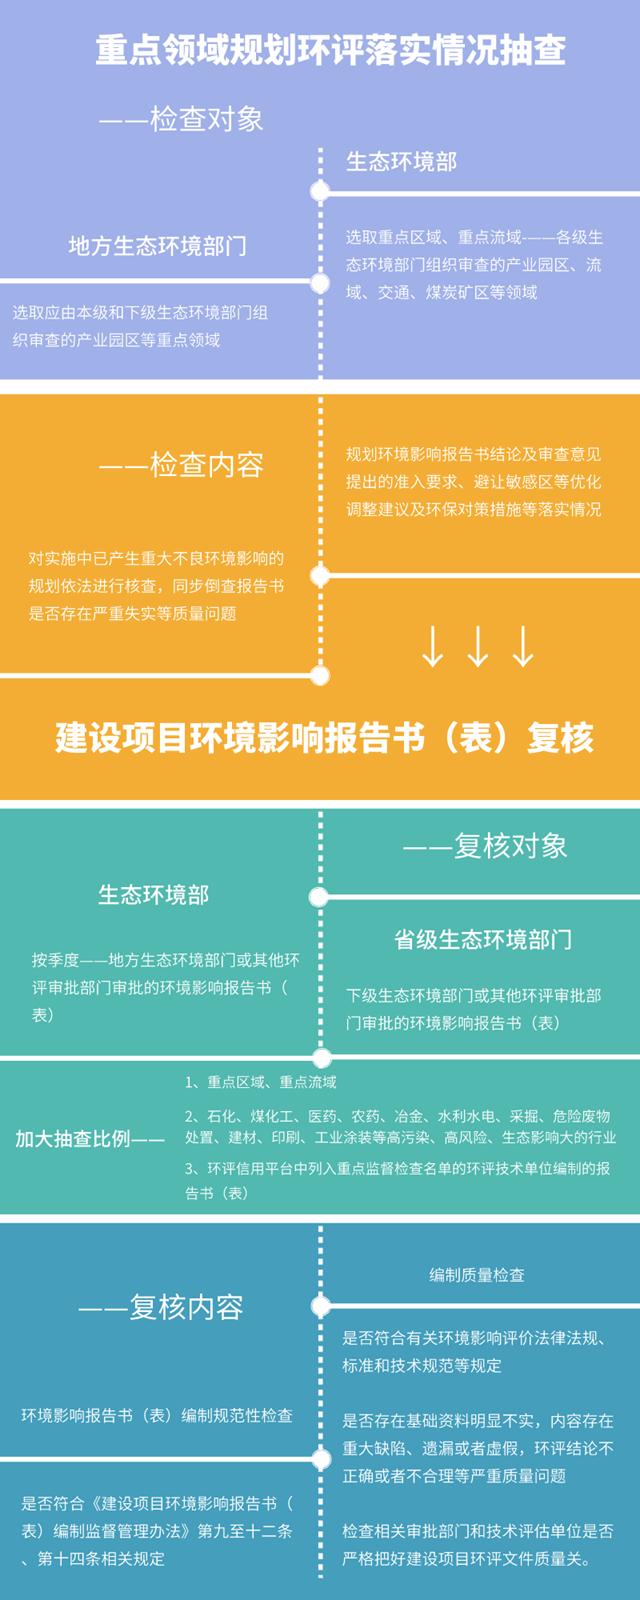 环评与排污许可监管:3年聚焦5项重点任务